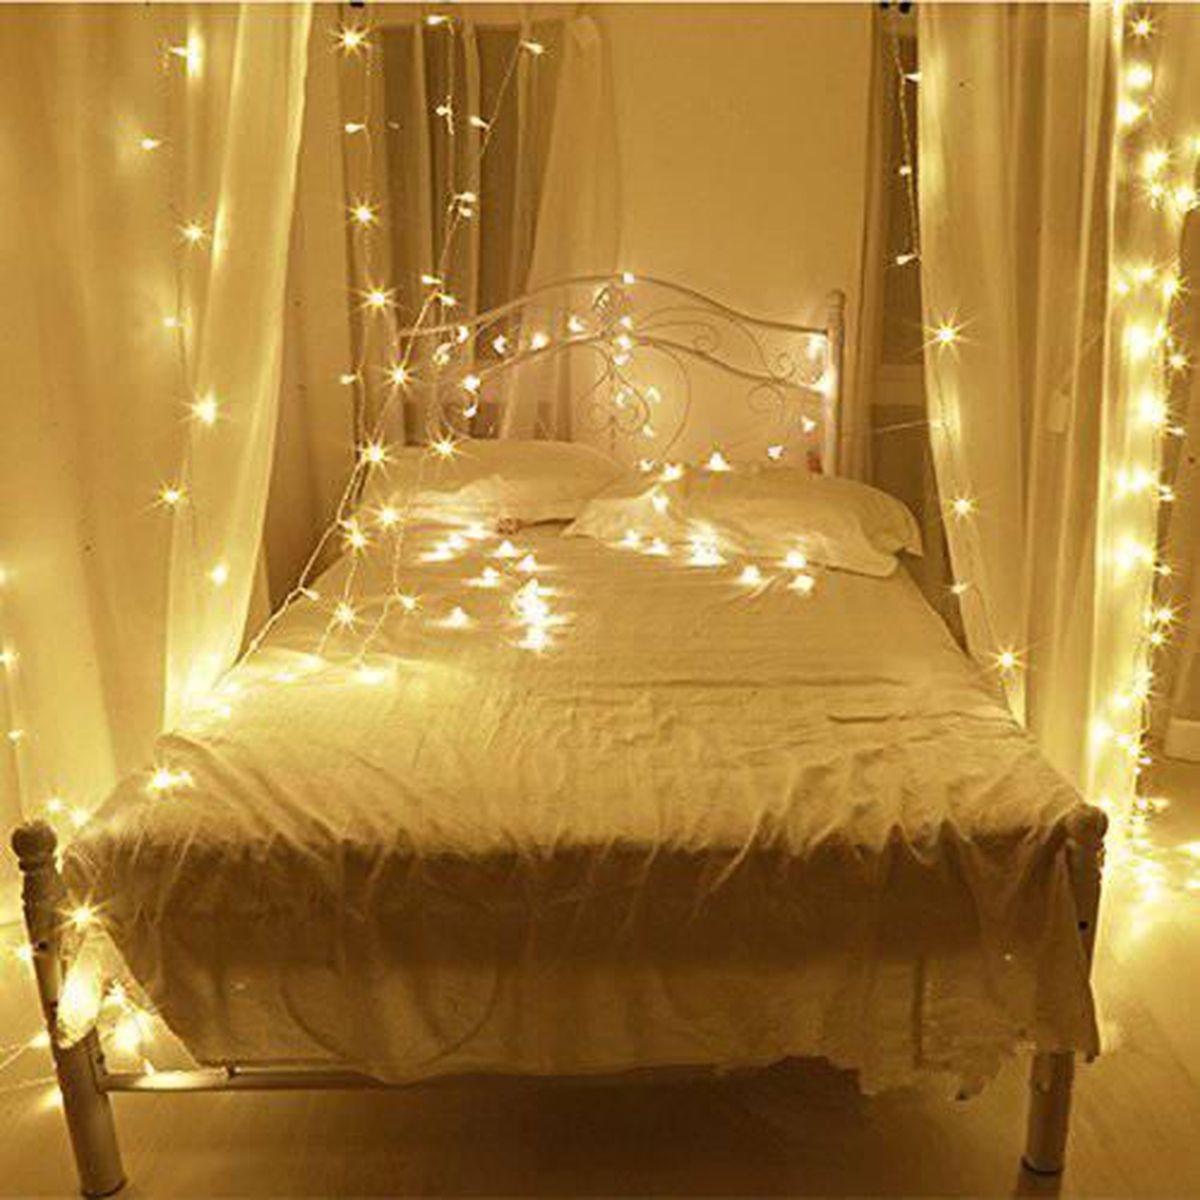 Comment Accrocher Une Guirlande Lumineuse Au Mur guirlande pour lit